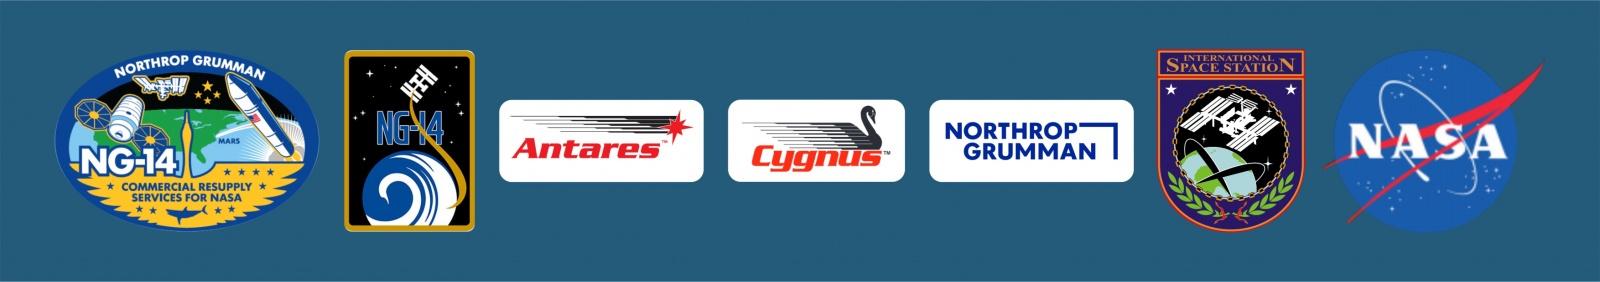 Логотипы и патчи миссии